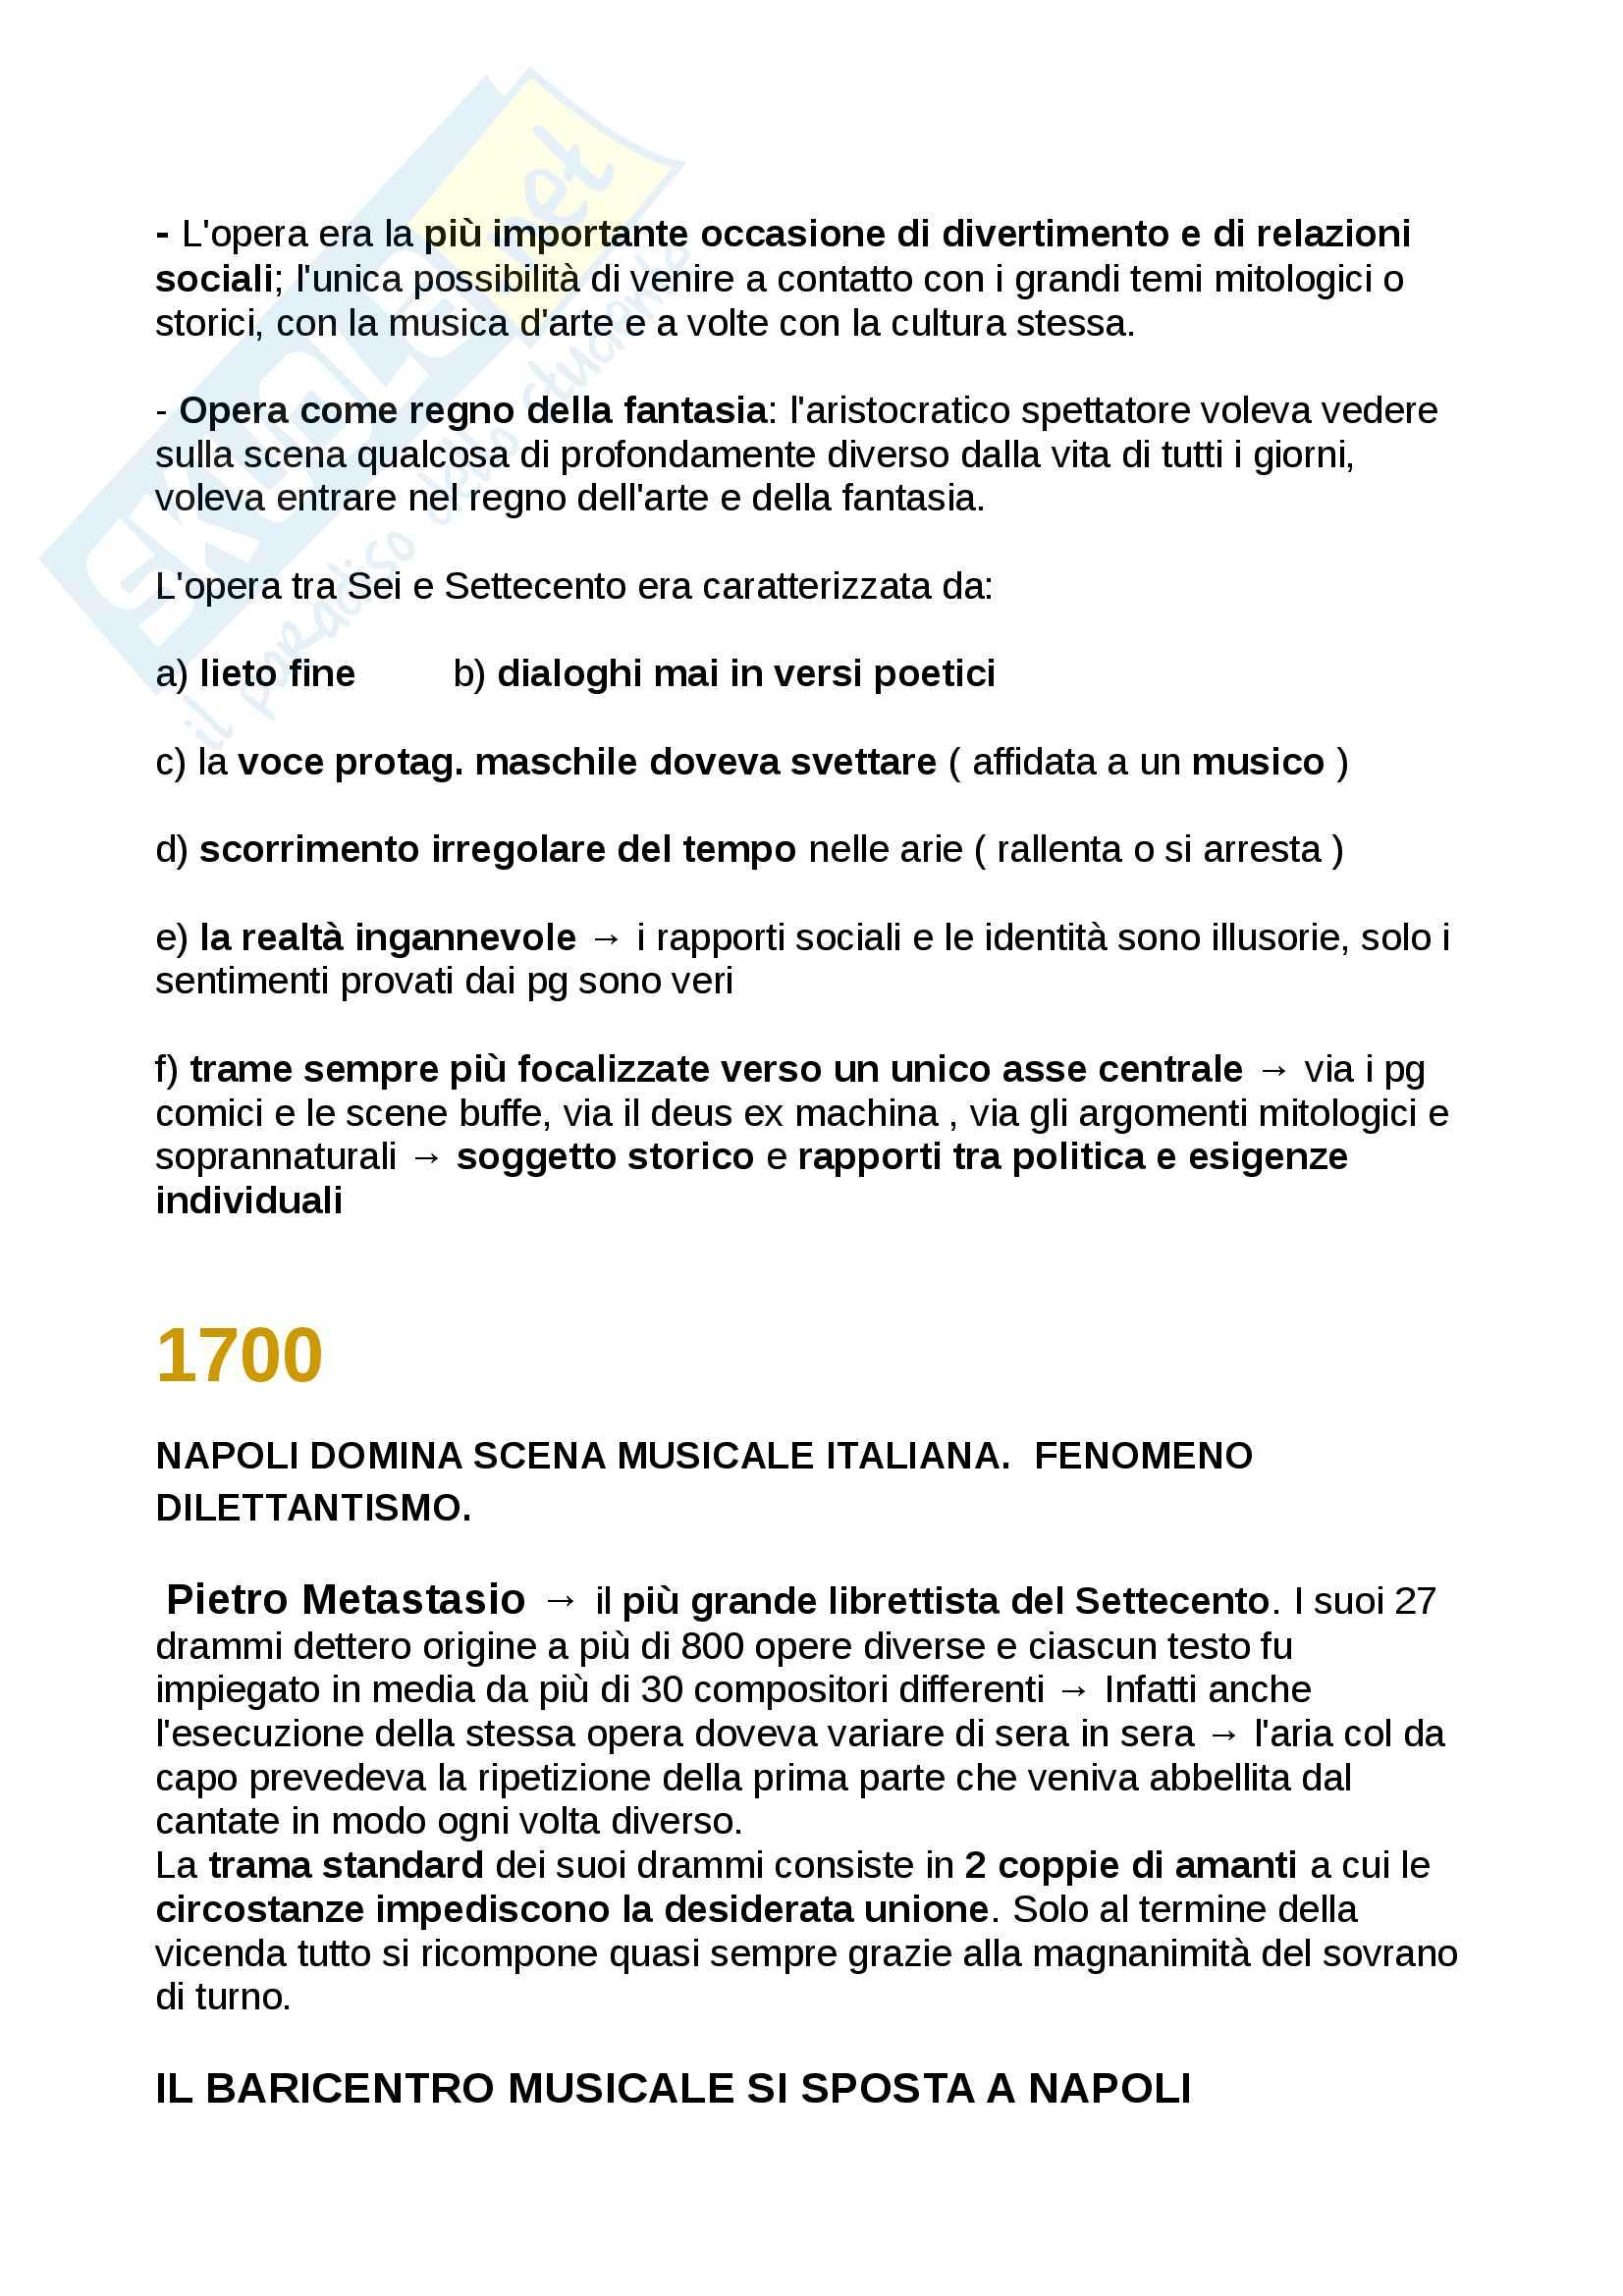 """Riassunto Storia della musica moderna e contemporanea, libri consigliati: Manuale Carrozzo, Cimagalli - dal 1500 al 1700 e """"La musica al plurale"""" di Bianconi Pag. 16"""